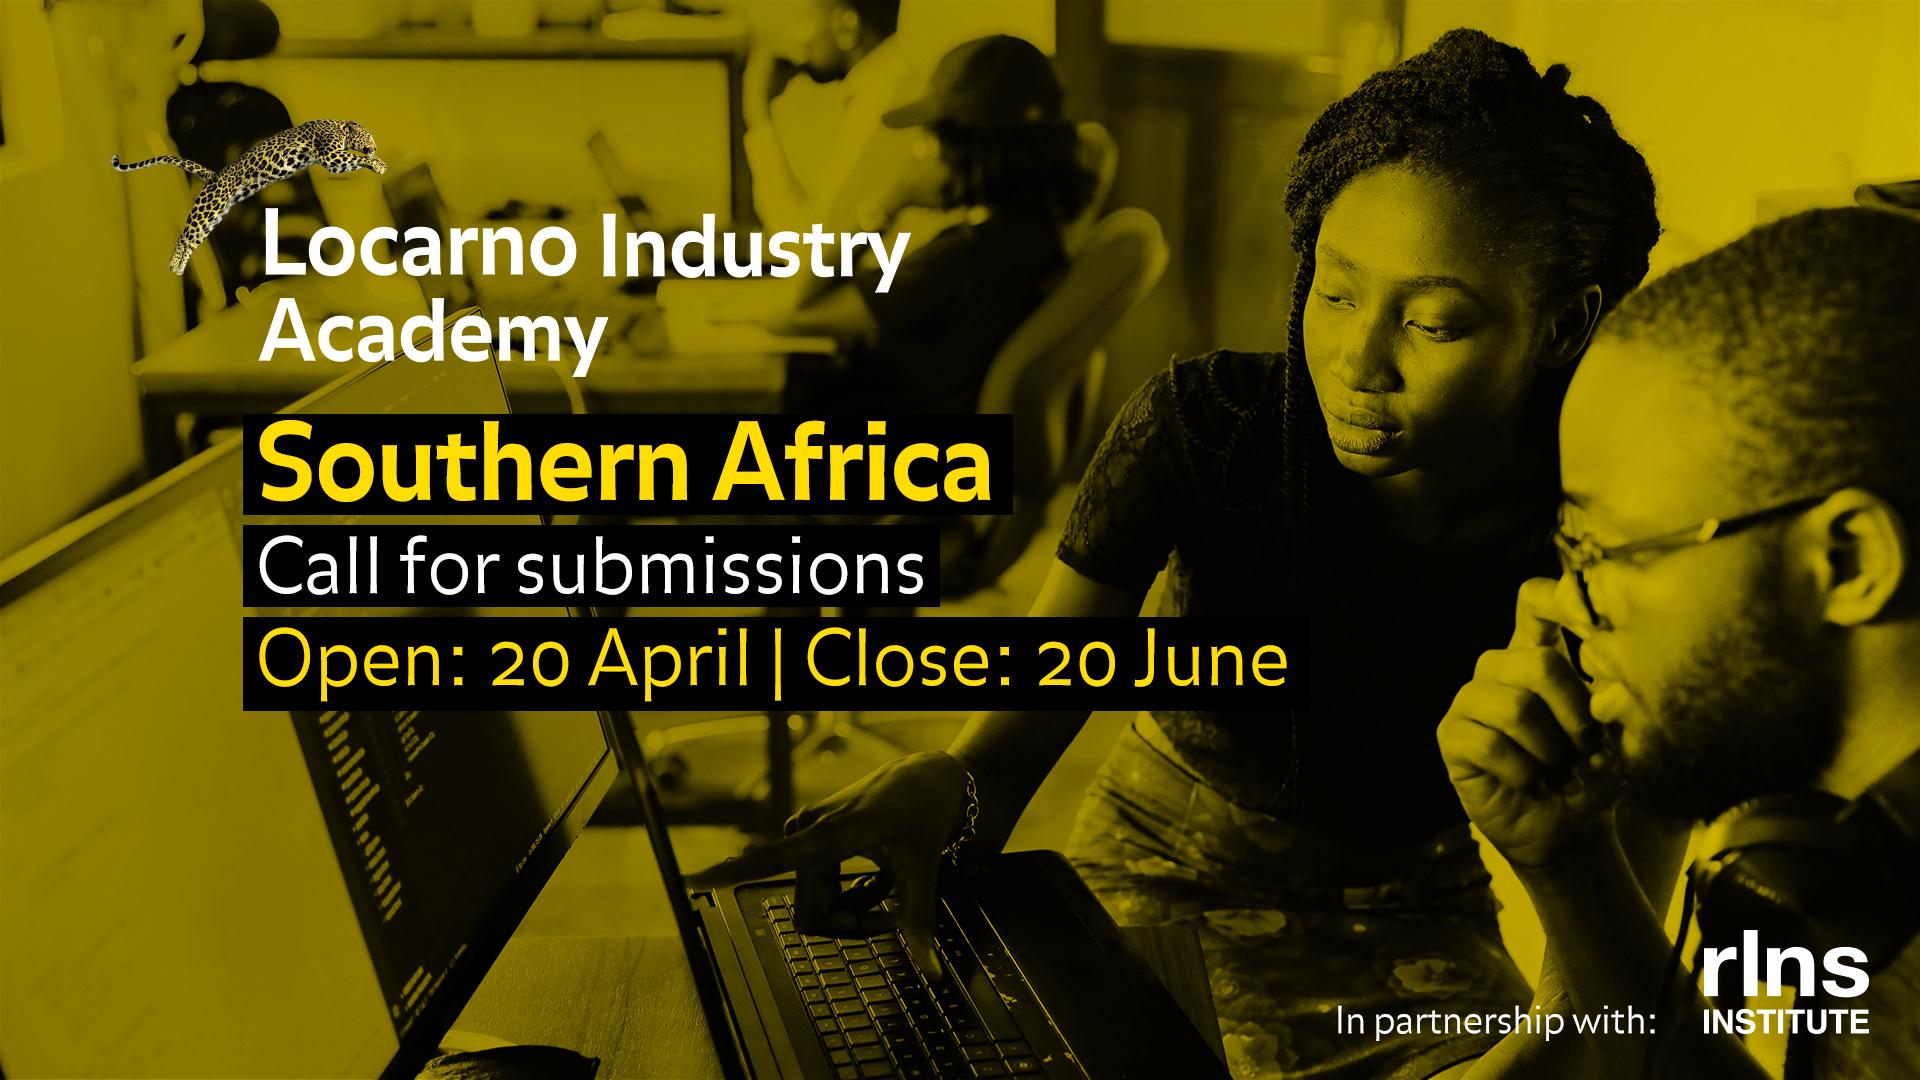 AFRIQUE DU SUD : lancement de l'Académie de l'industrie d'Afrique australe-Locarno